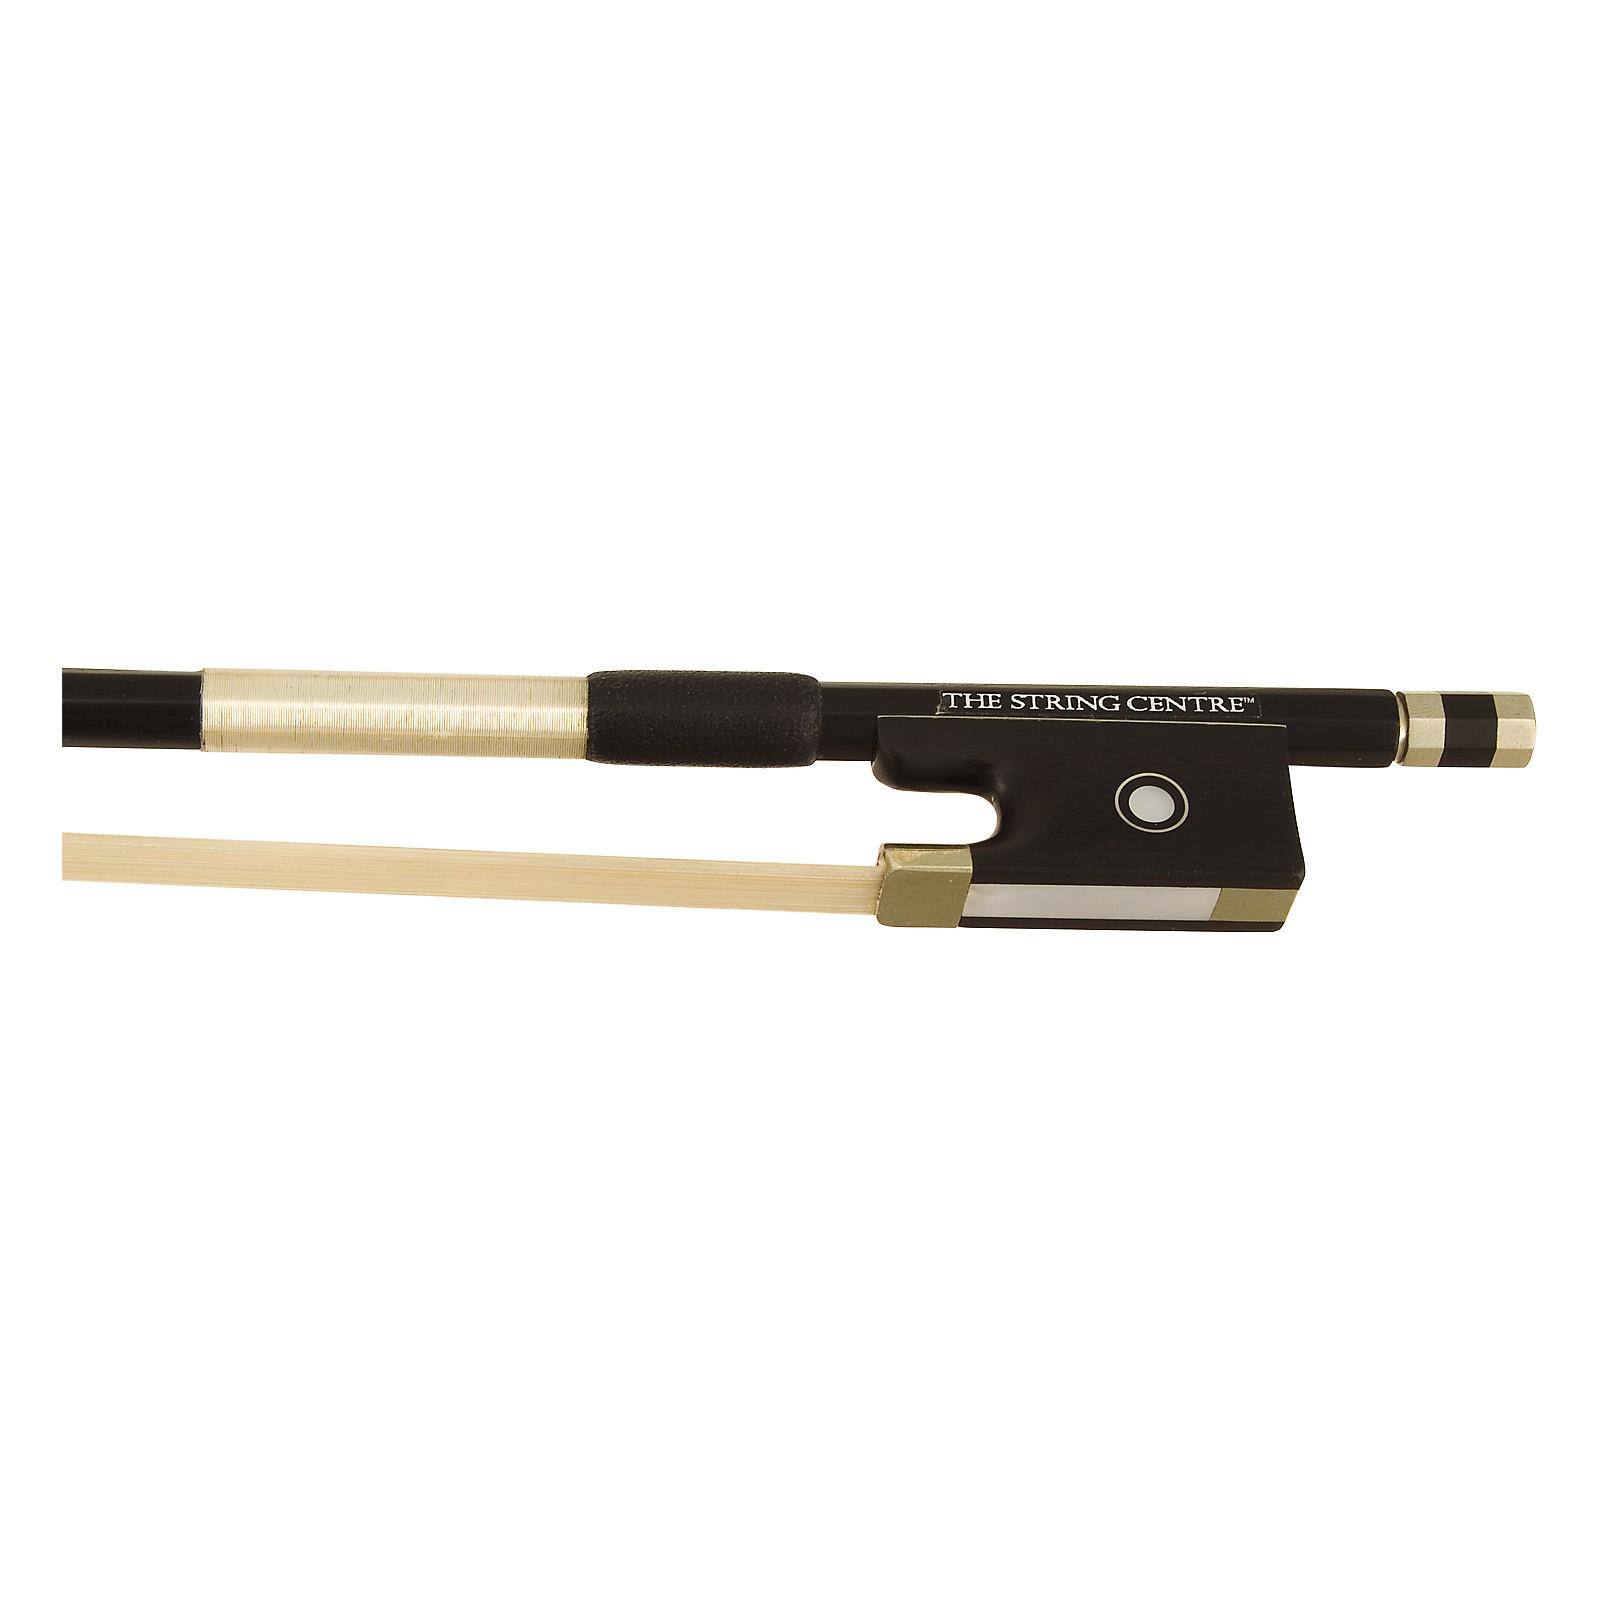 The String Centre FG Deluxe Series Fiberglass Composite Violin Bow